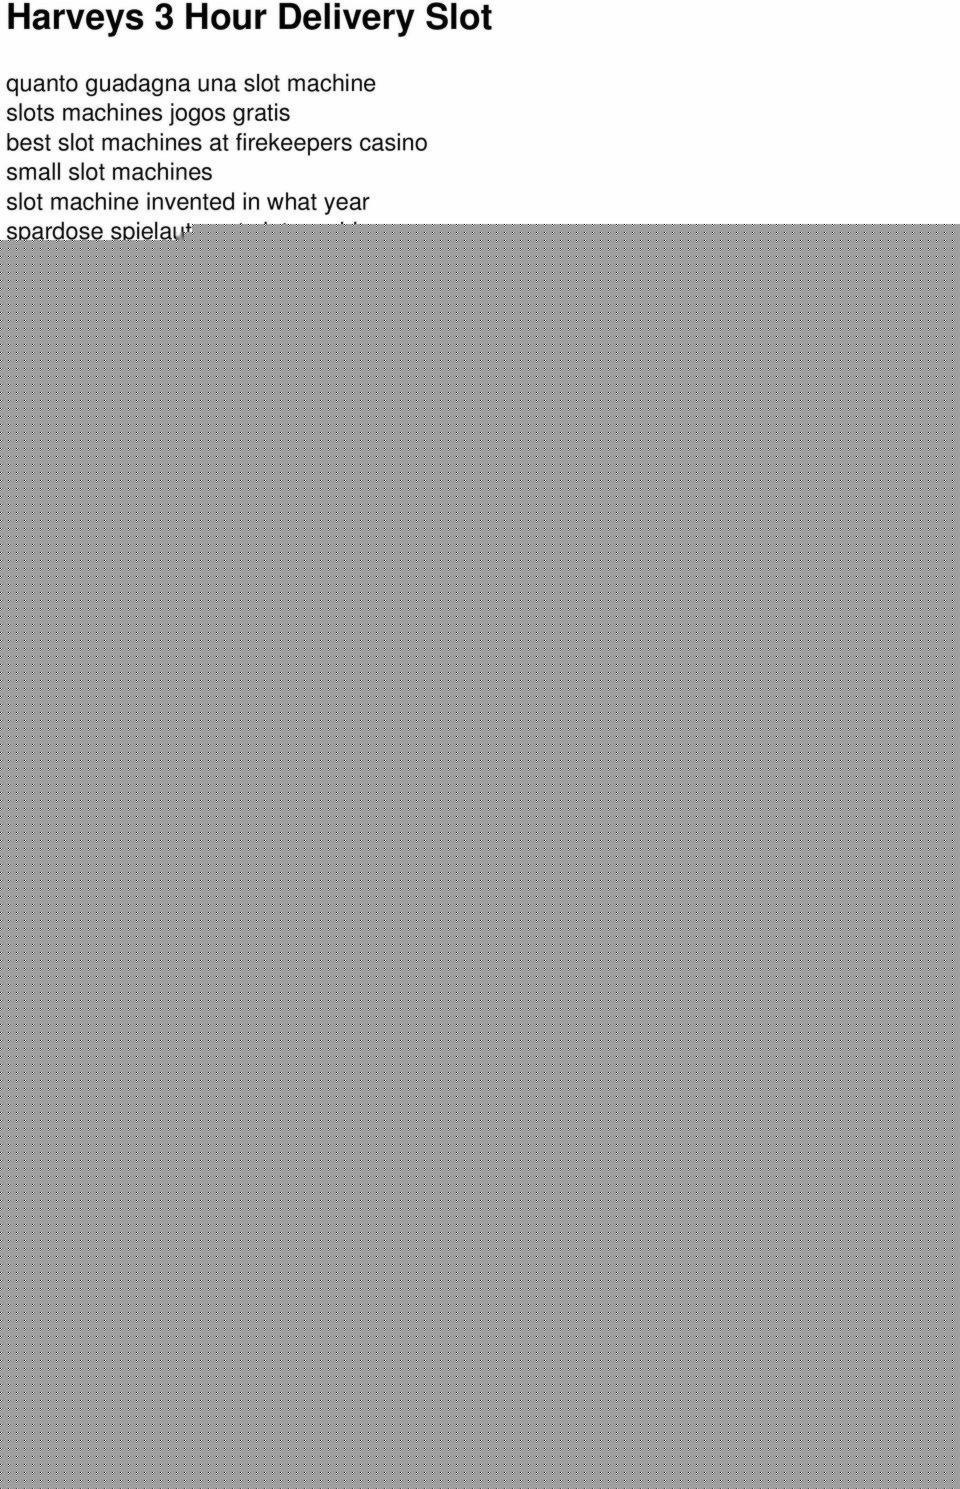 110 يدور الحرة كازينو في Gamebookers